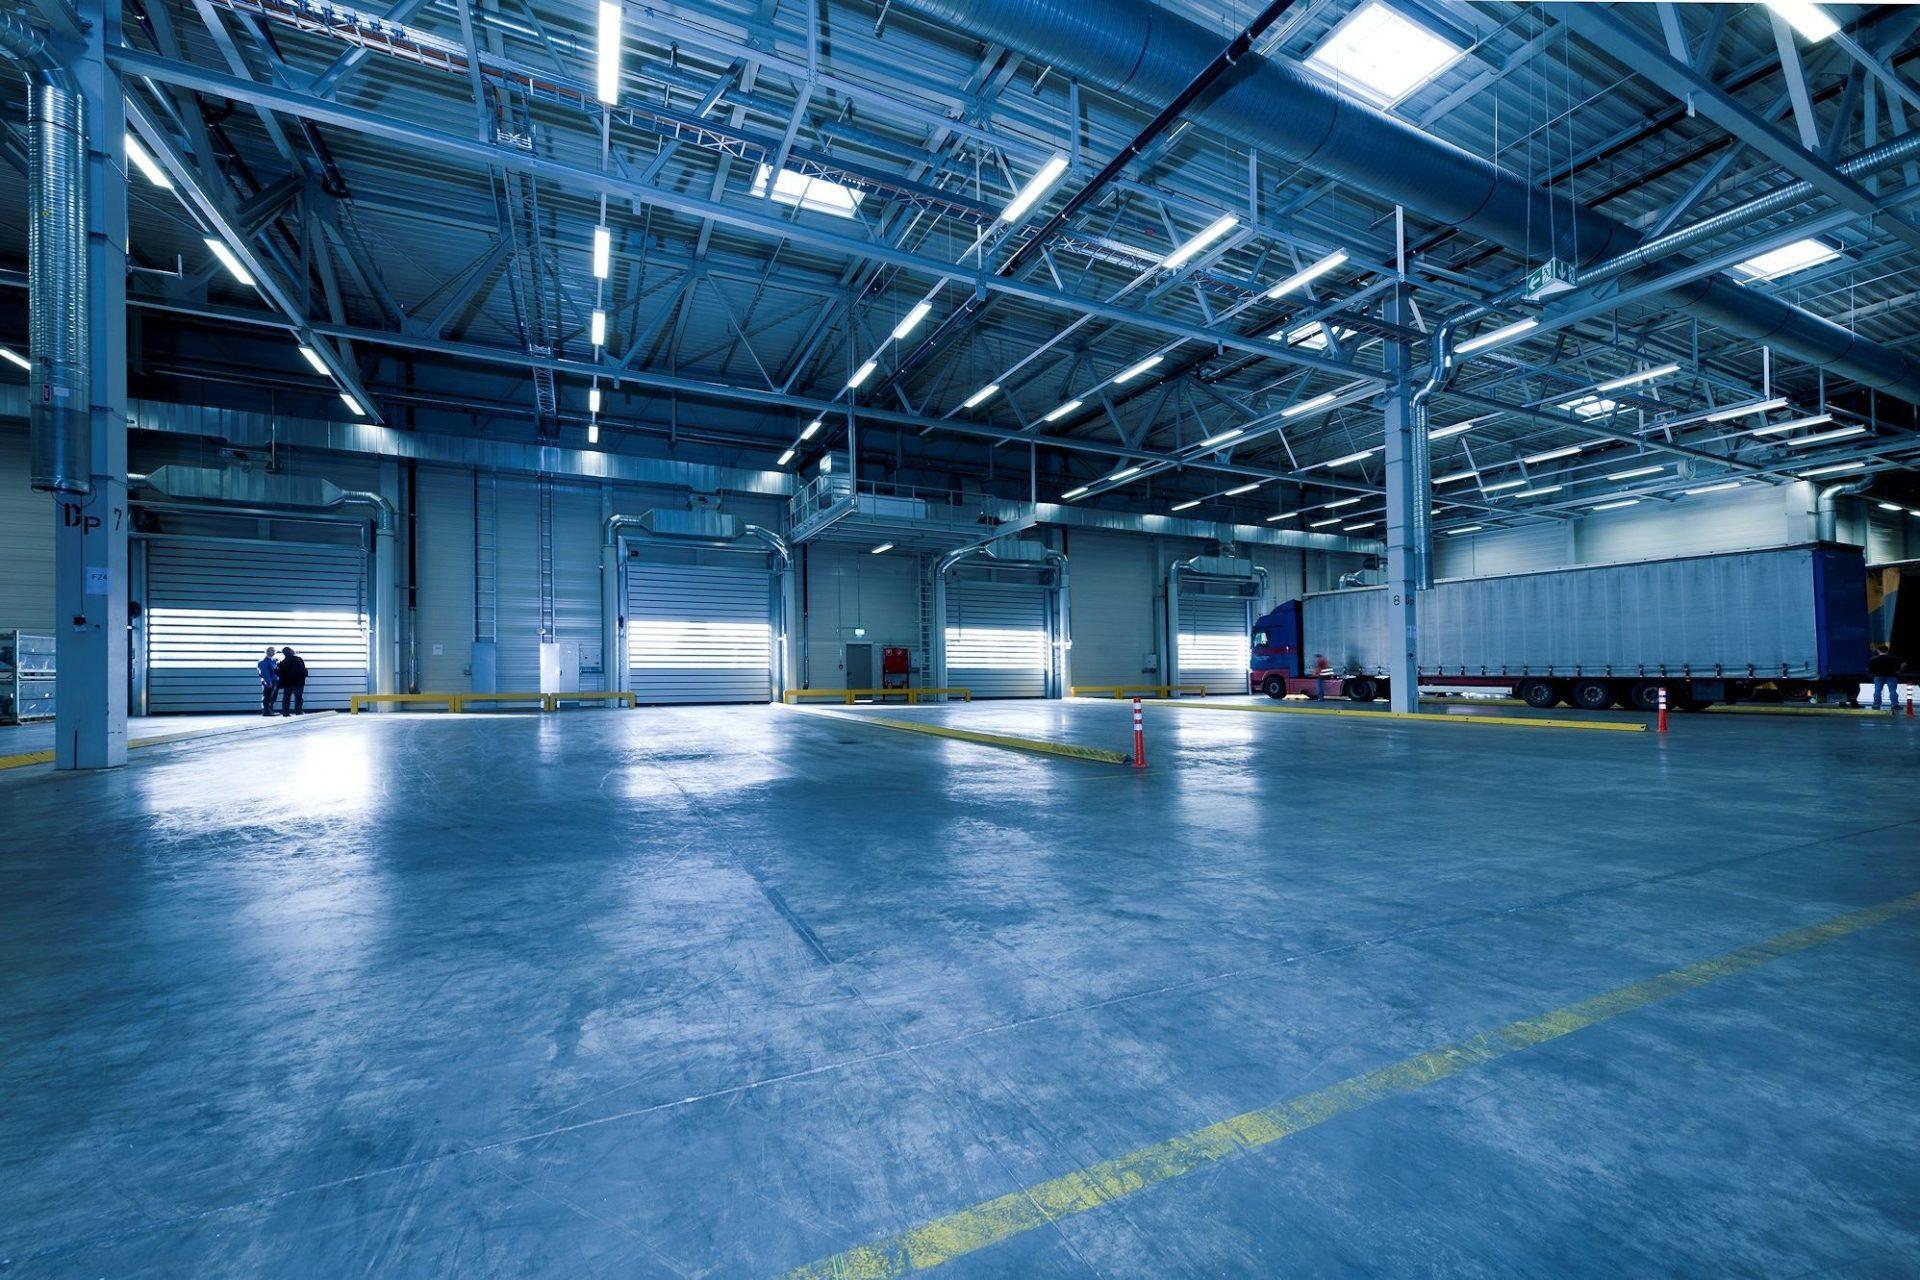 Advies voor transportbedrijven en grensoverschrijdende logistiek